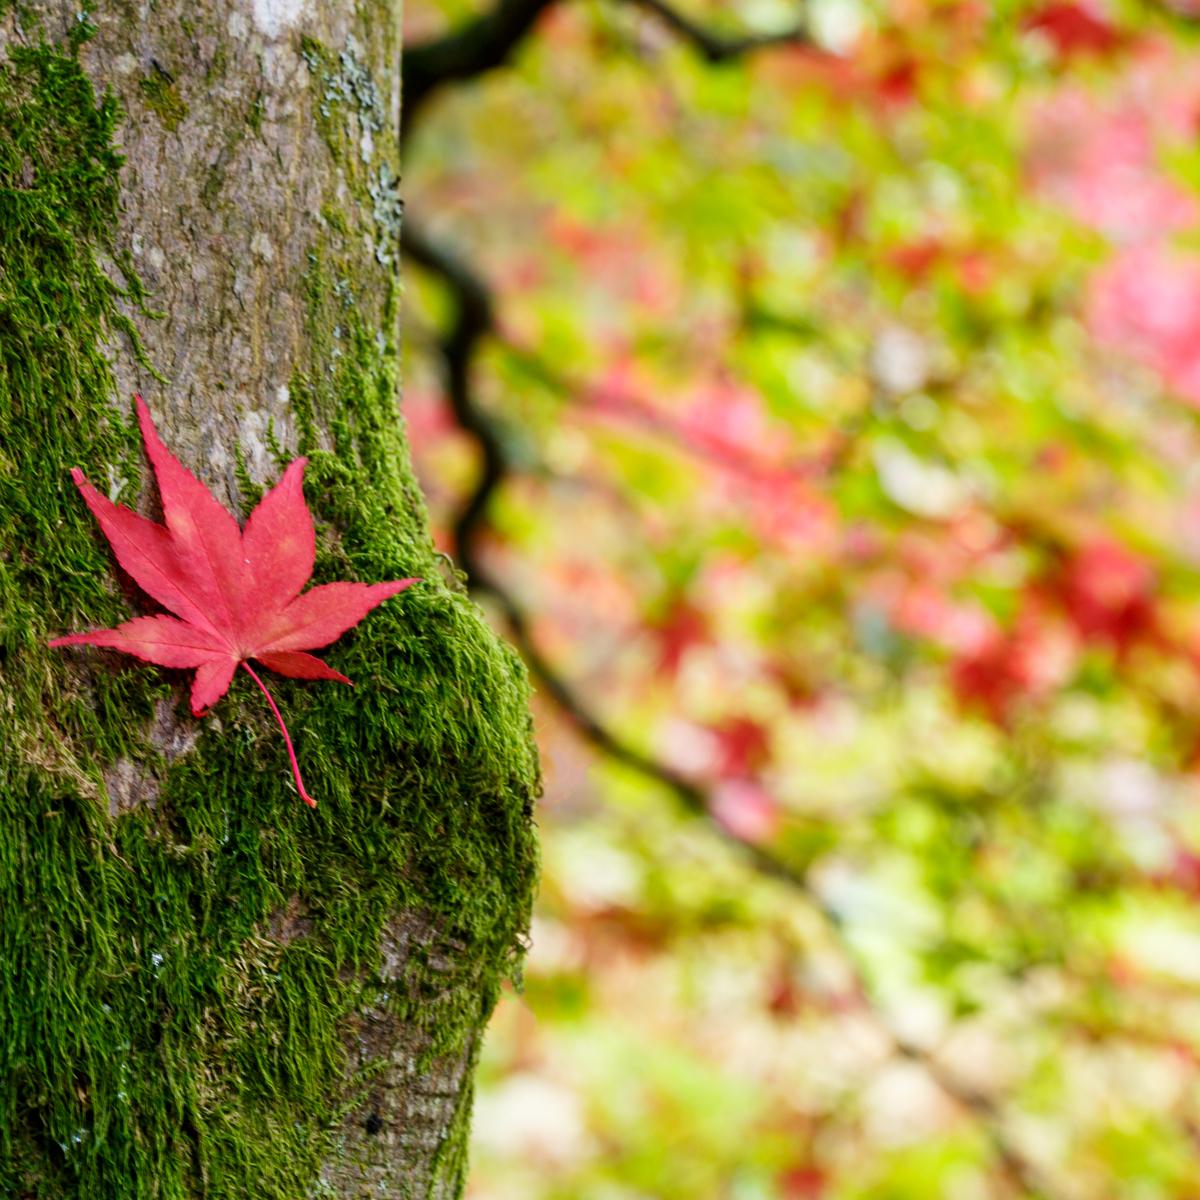 A leaf...